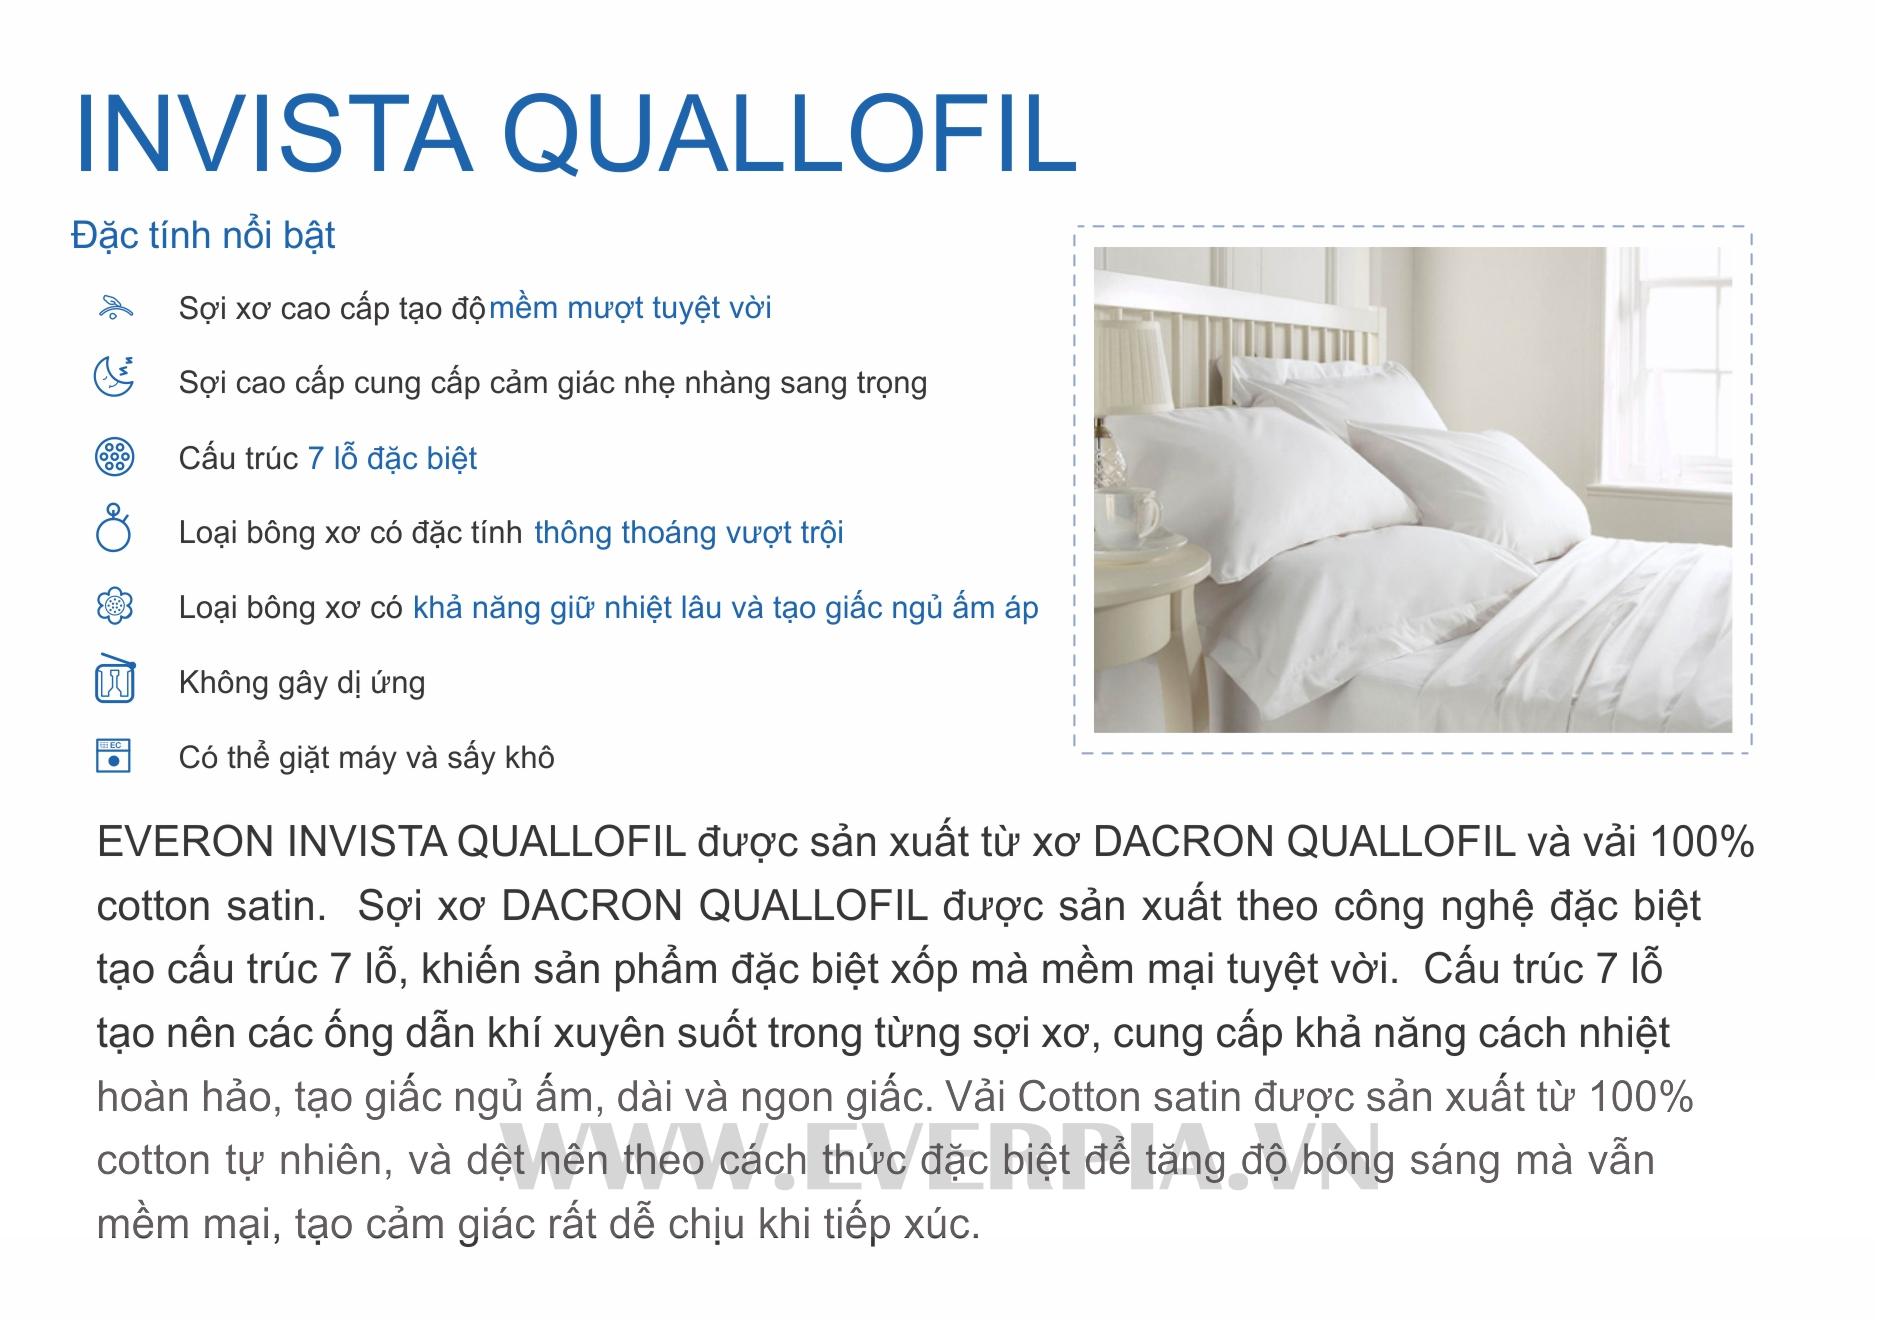 Ruột Gối Everon Invista Quallofil